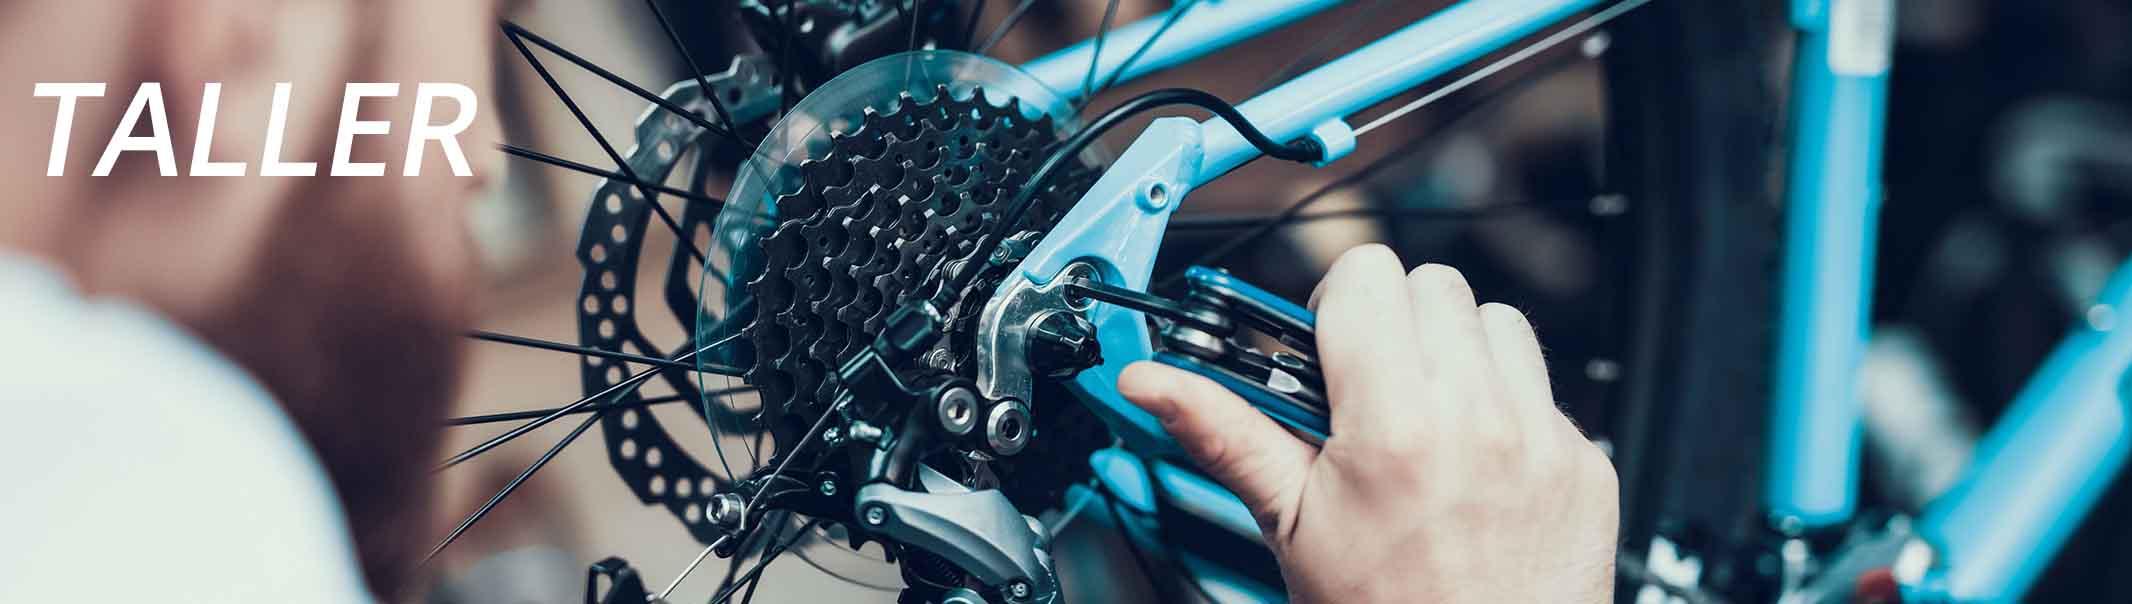 taller reparacion y mantenimeinto bicicletas villanueva madrid